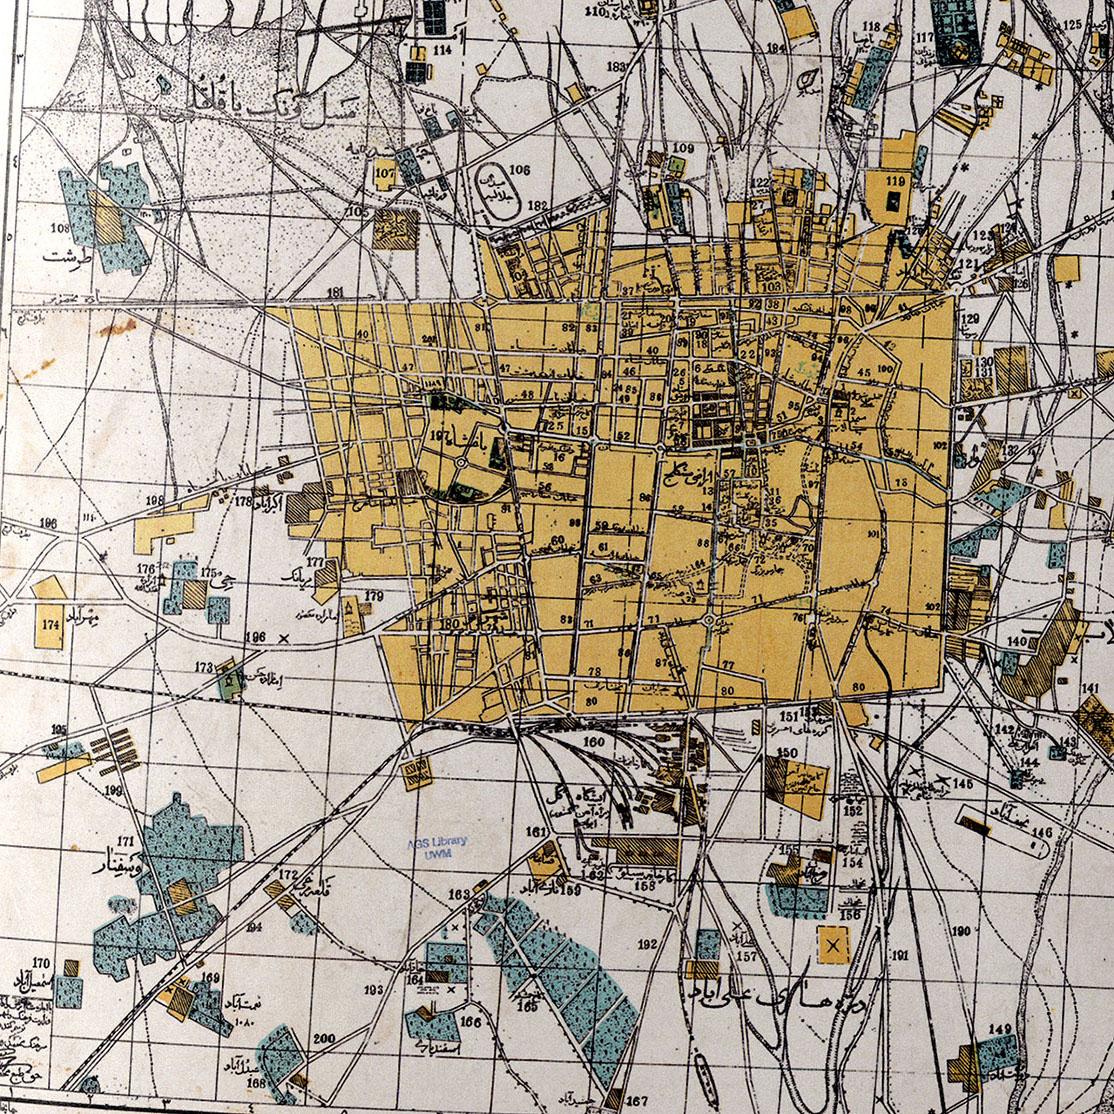 نقشه_گردشگری/نقشه/turismmap/tehran/soheilhosseini/استودیوتهران/سهیل_حسینی